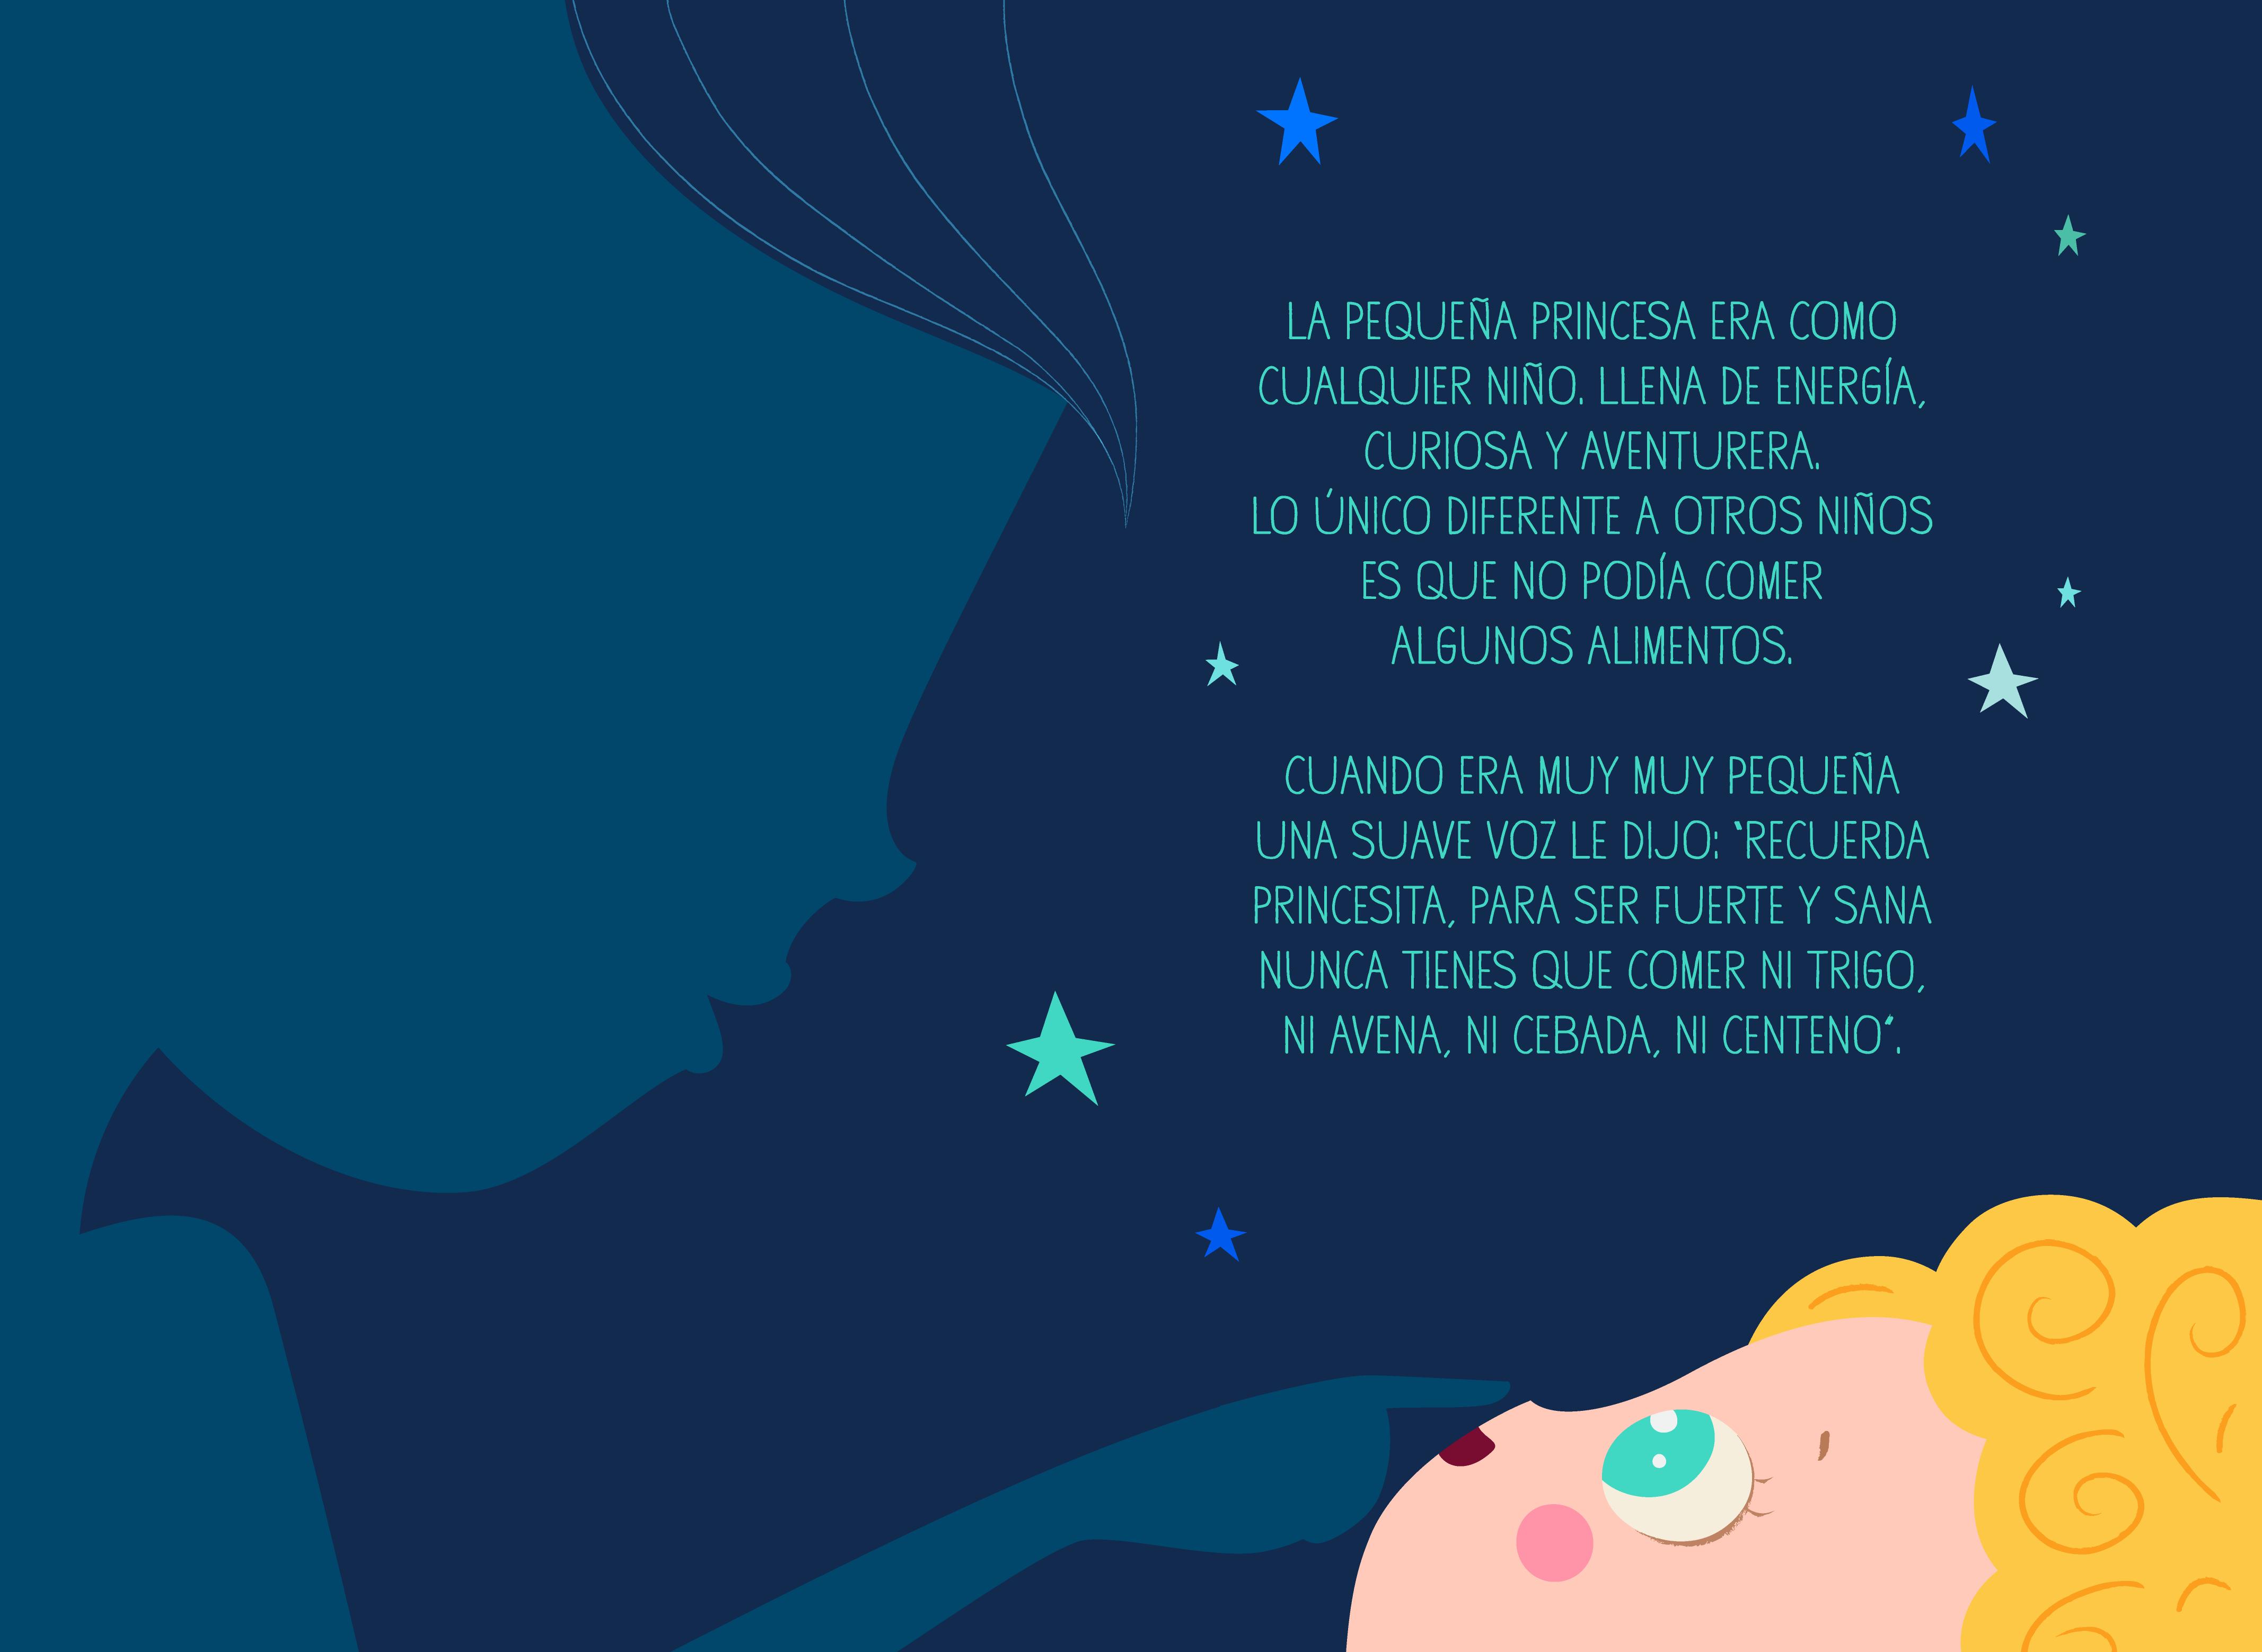 el pastel_texto-19